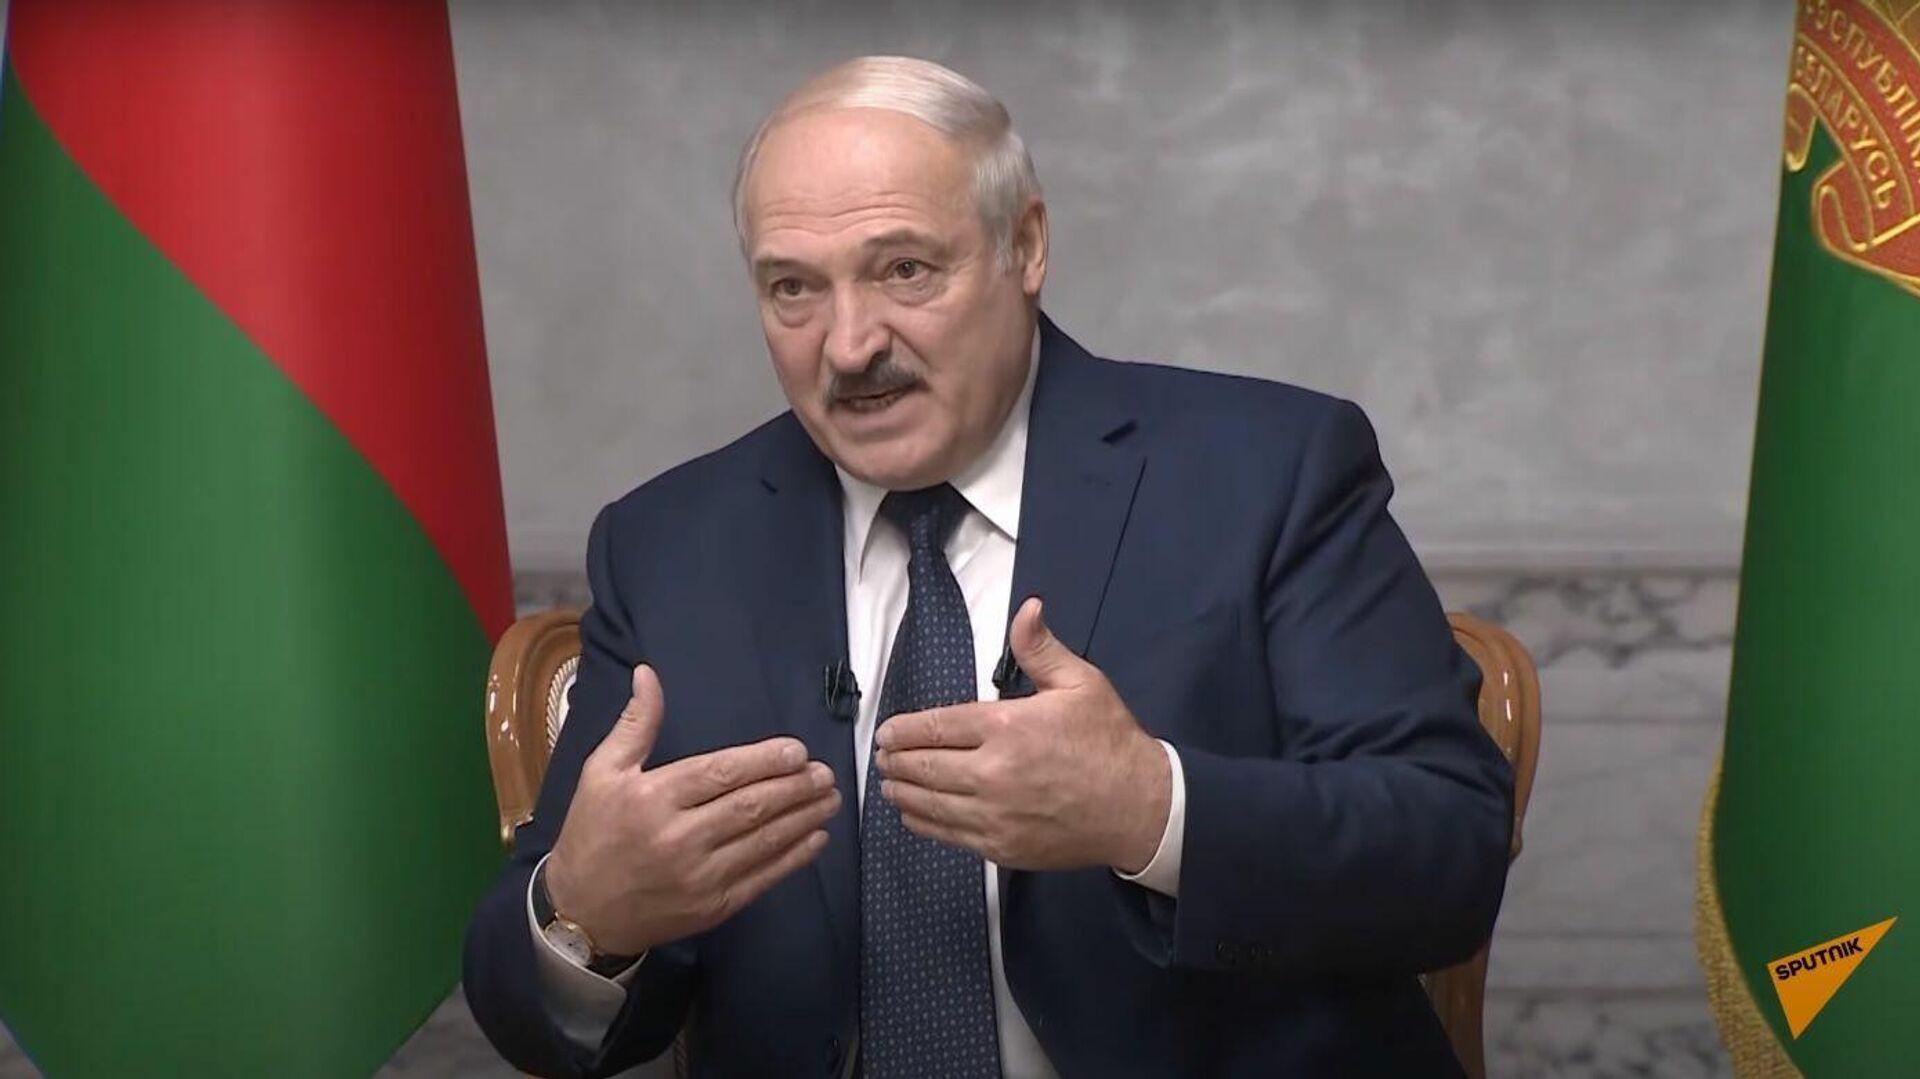 Александр Лукашенко - Sputnik Ўзбекистон, 1920, 30.07.2021